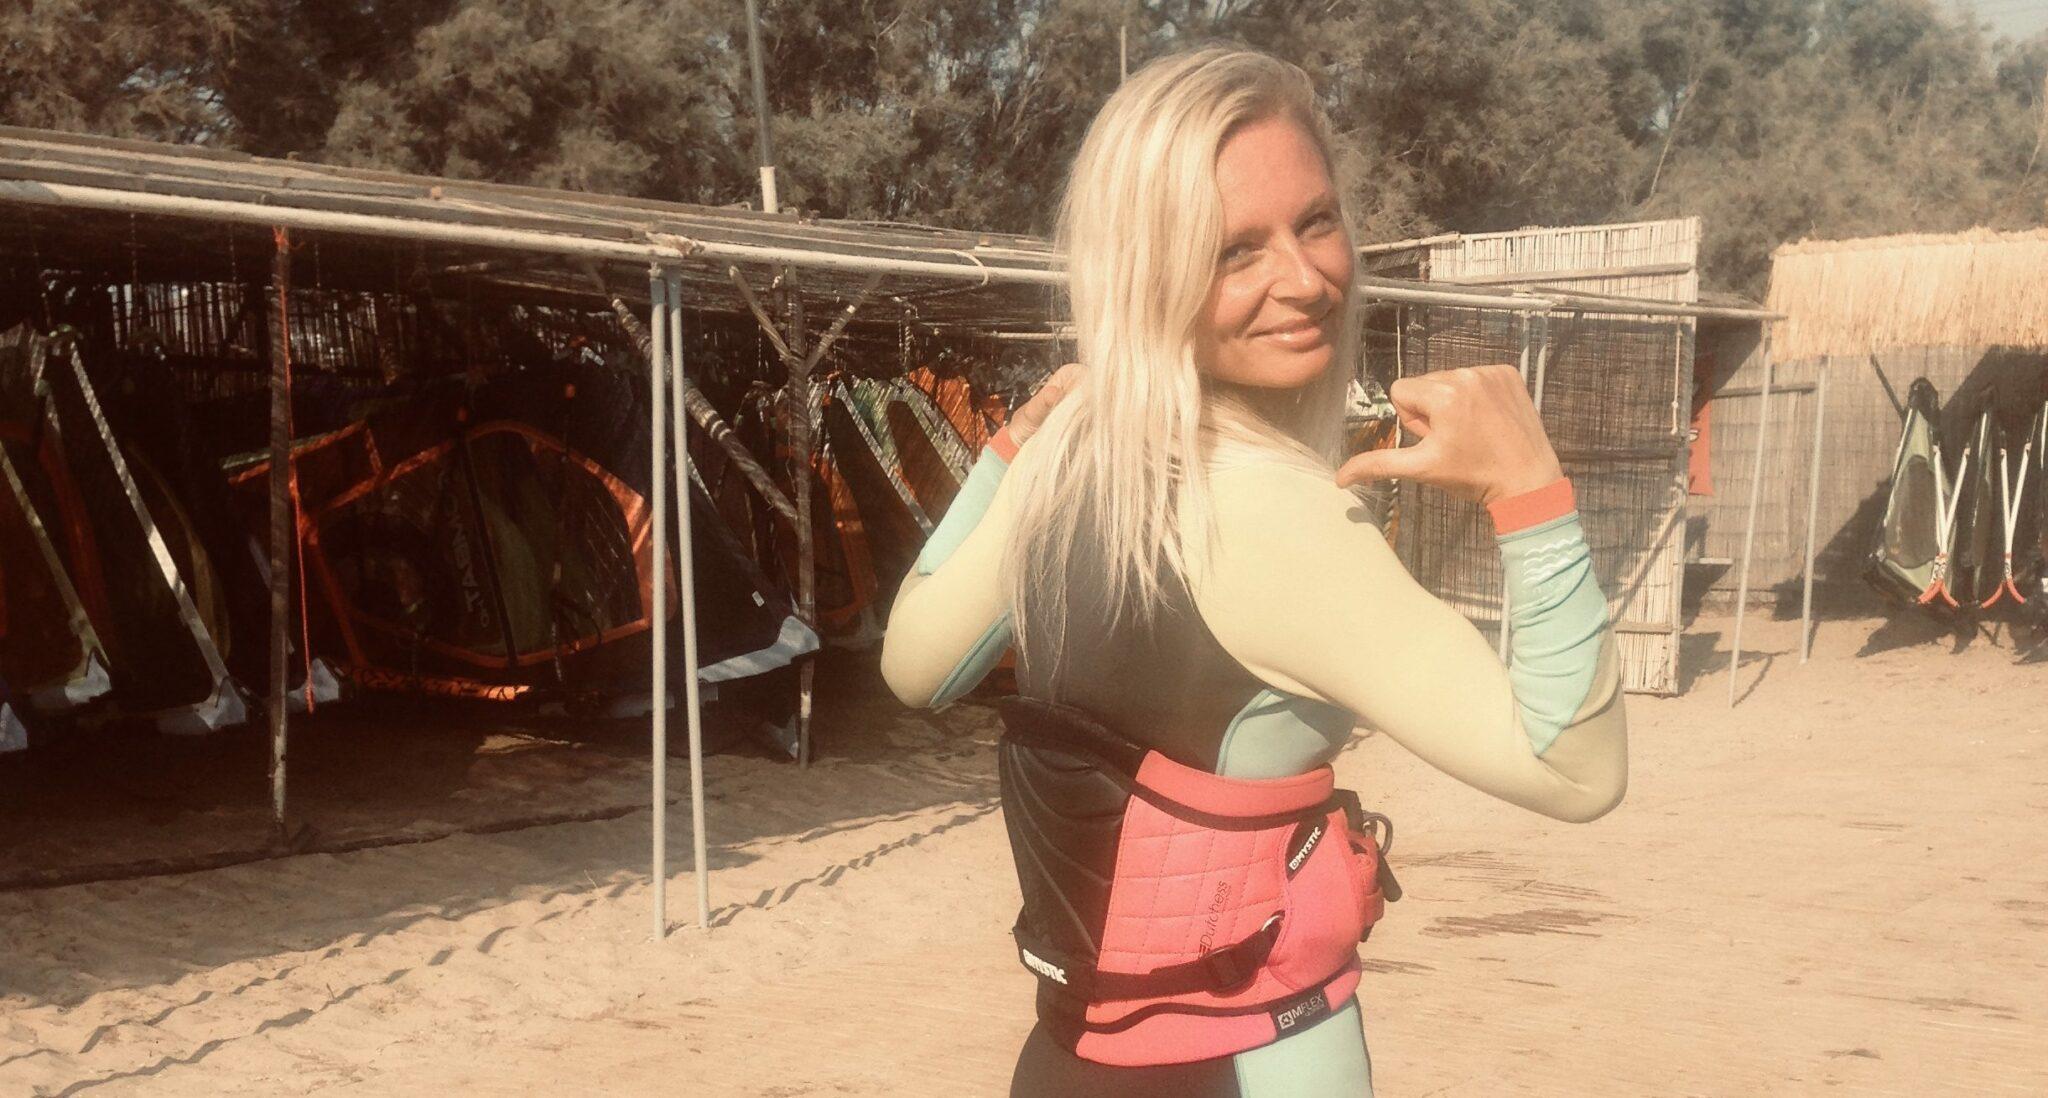 Alizee windsurf